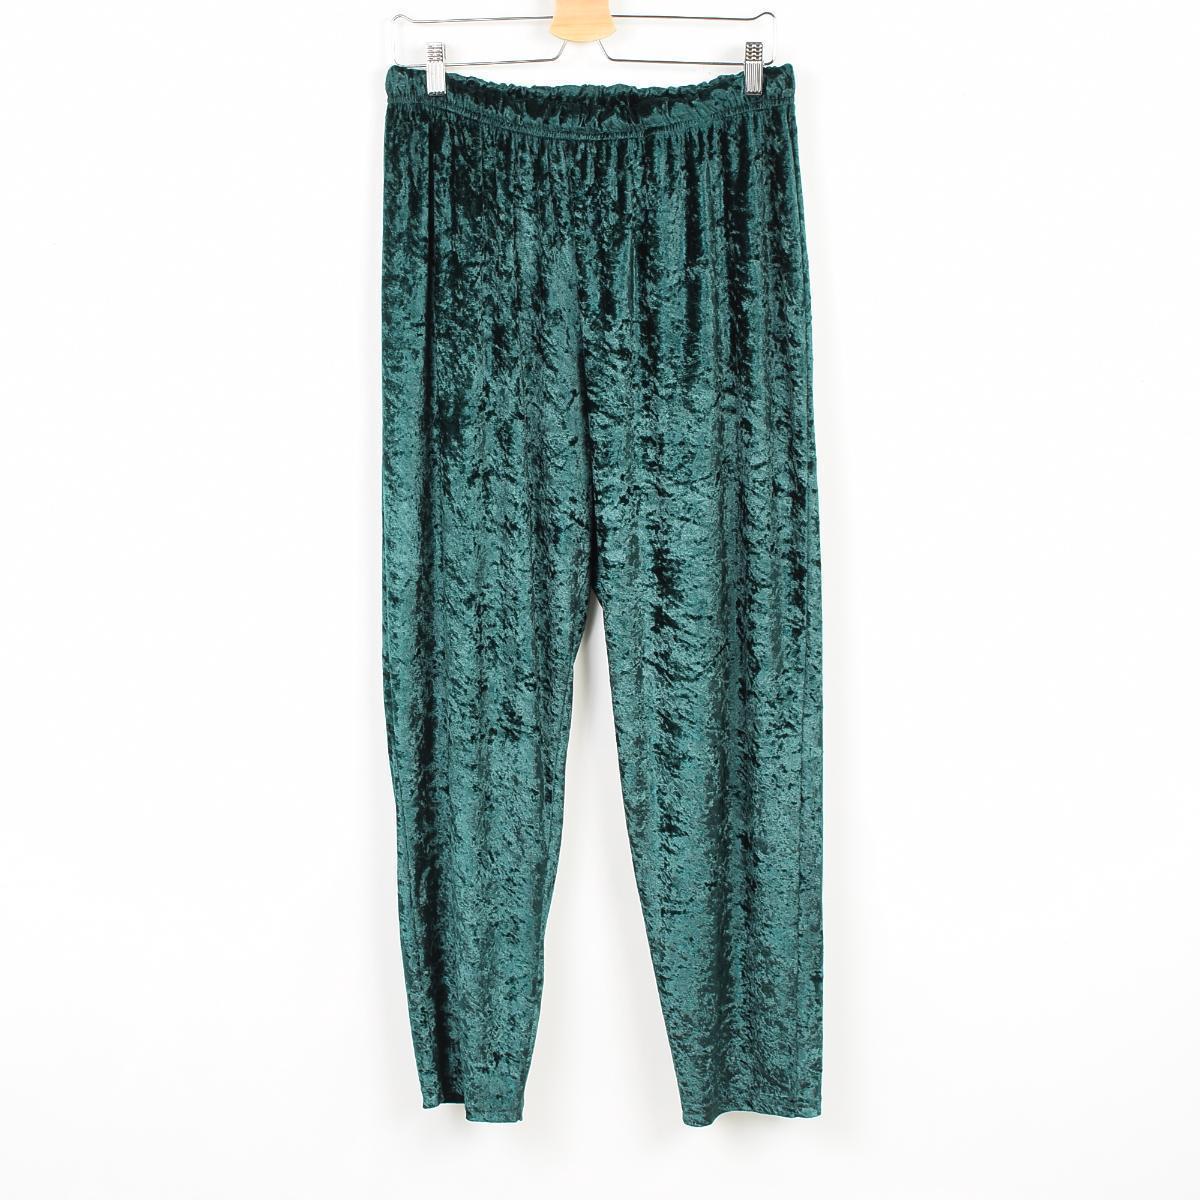 崩溃丝绒裤裤女士尺寸︰ L XL /wex3030